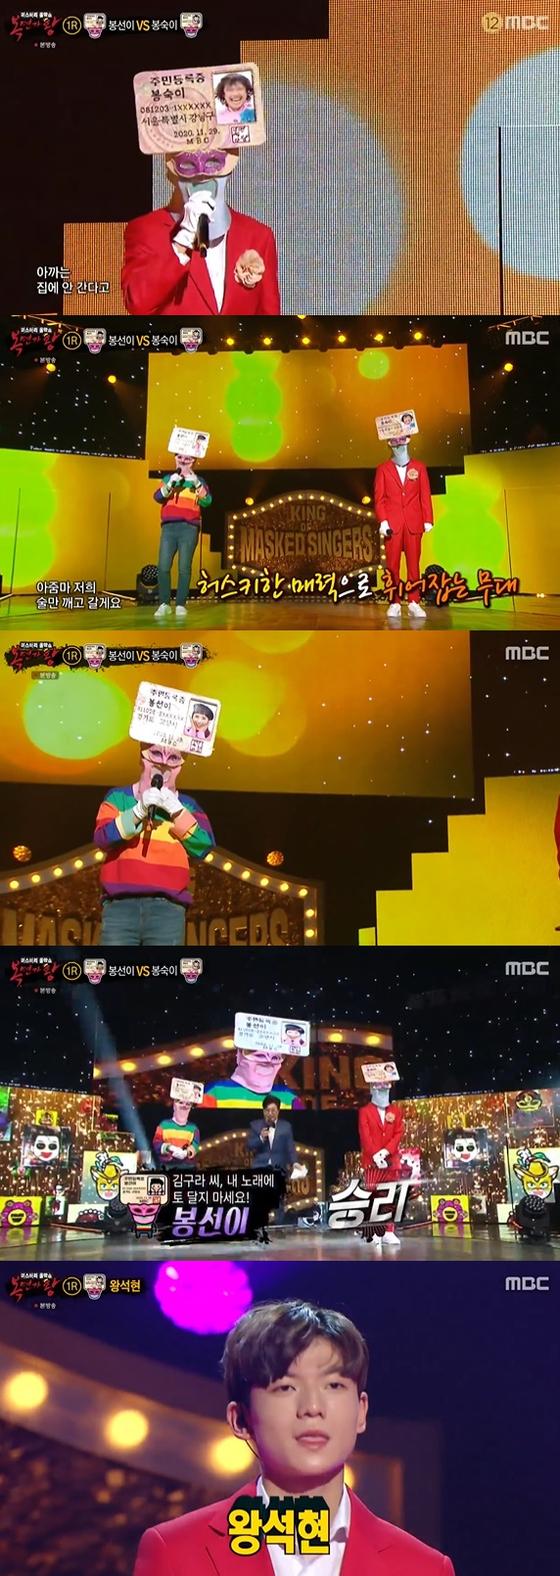 '복면가왕' 왕석현